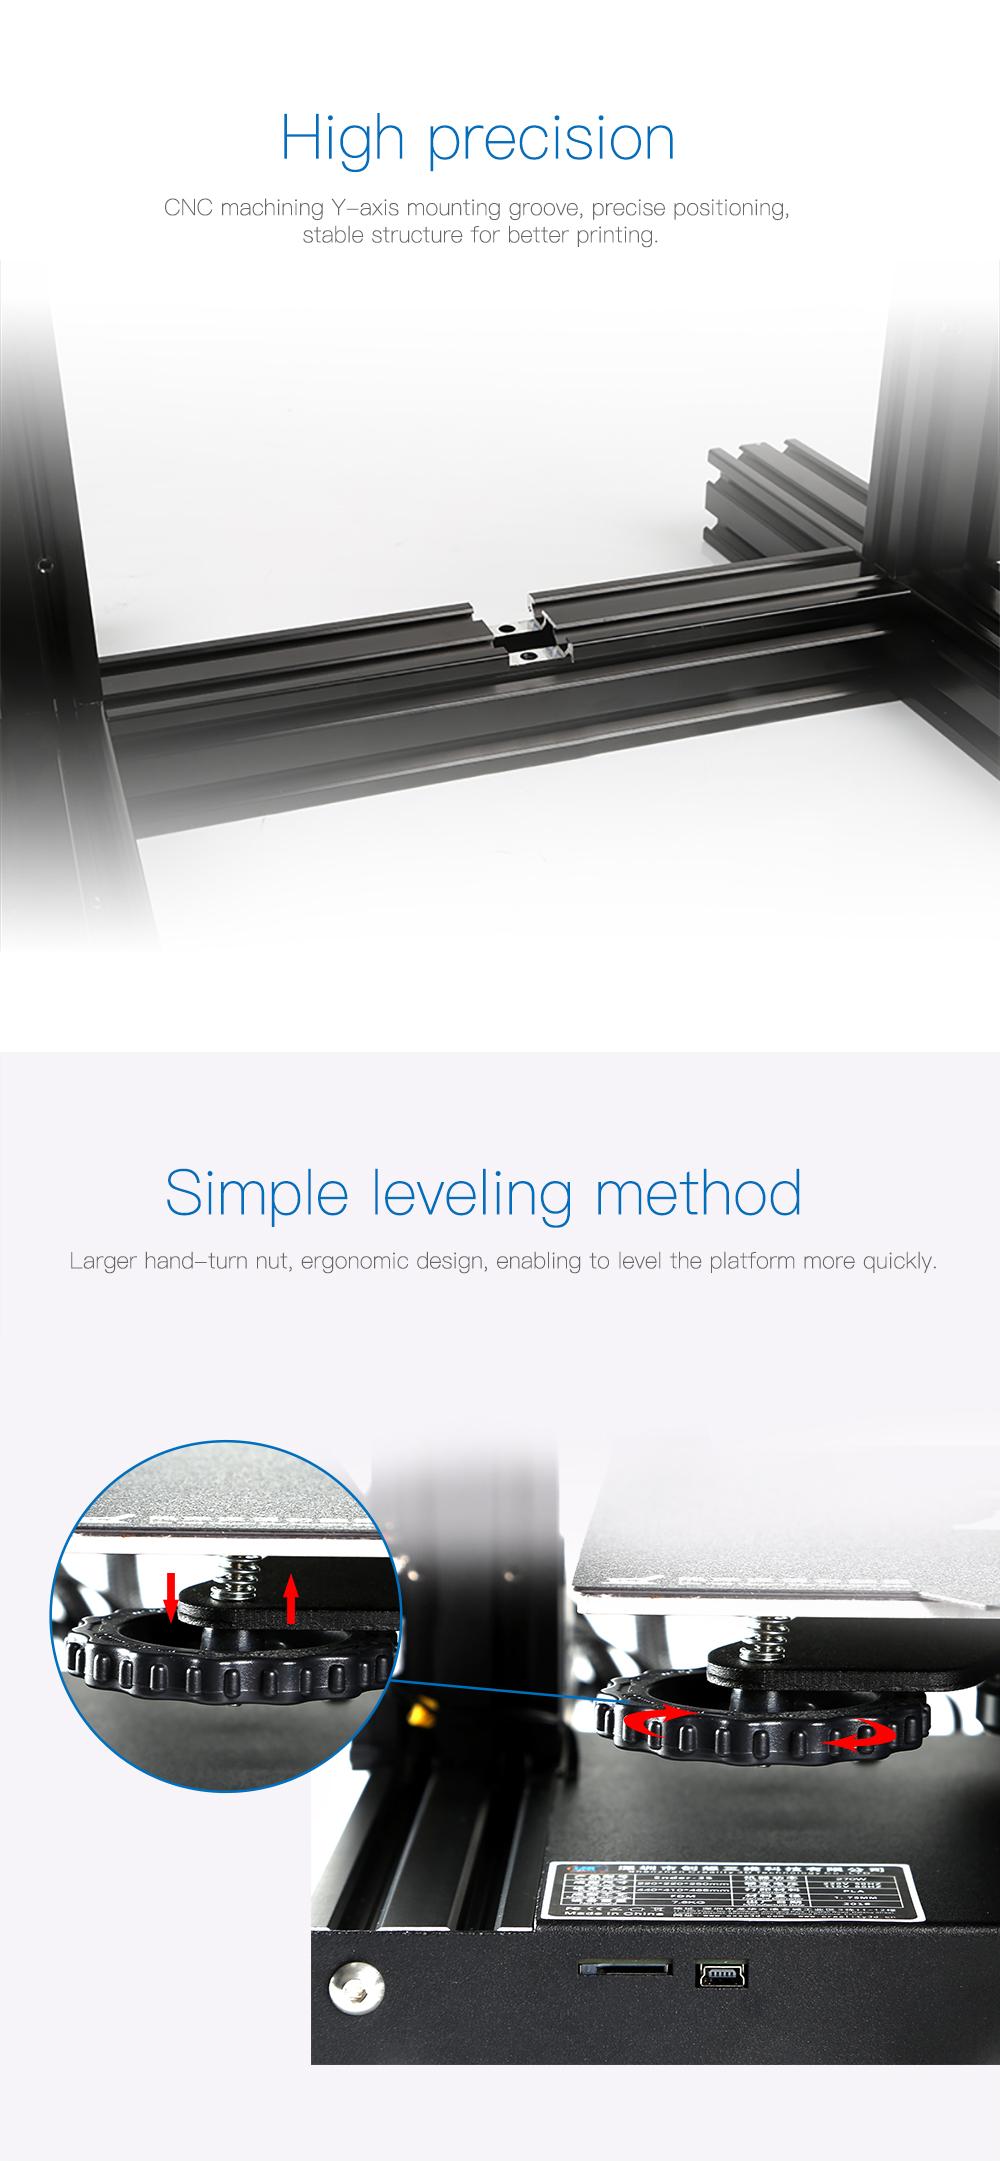 Creality3D Ender 3 Pro 3D-Drucker Bausatz - 220x220x250mm - CNC gefräßte Y-Schienenführung - Einfaches Nivellieren